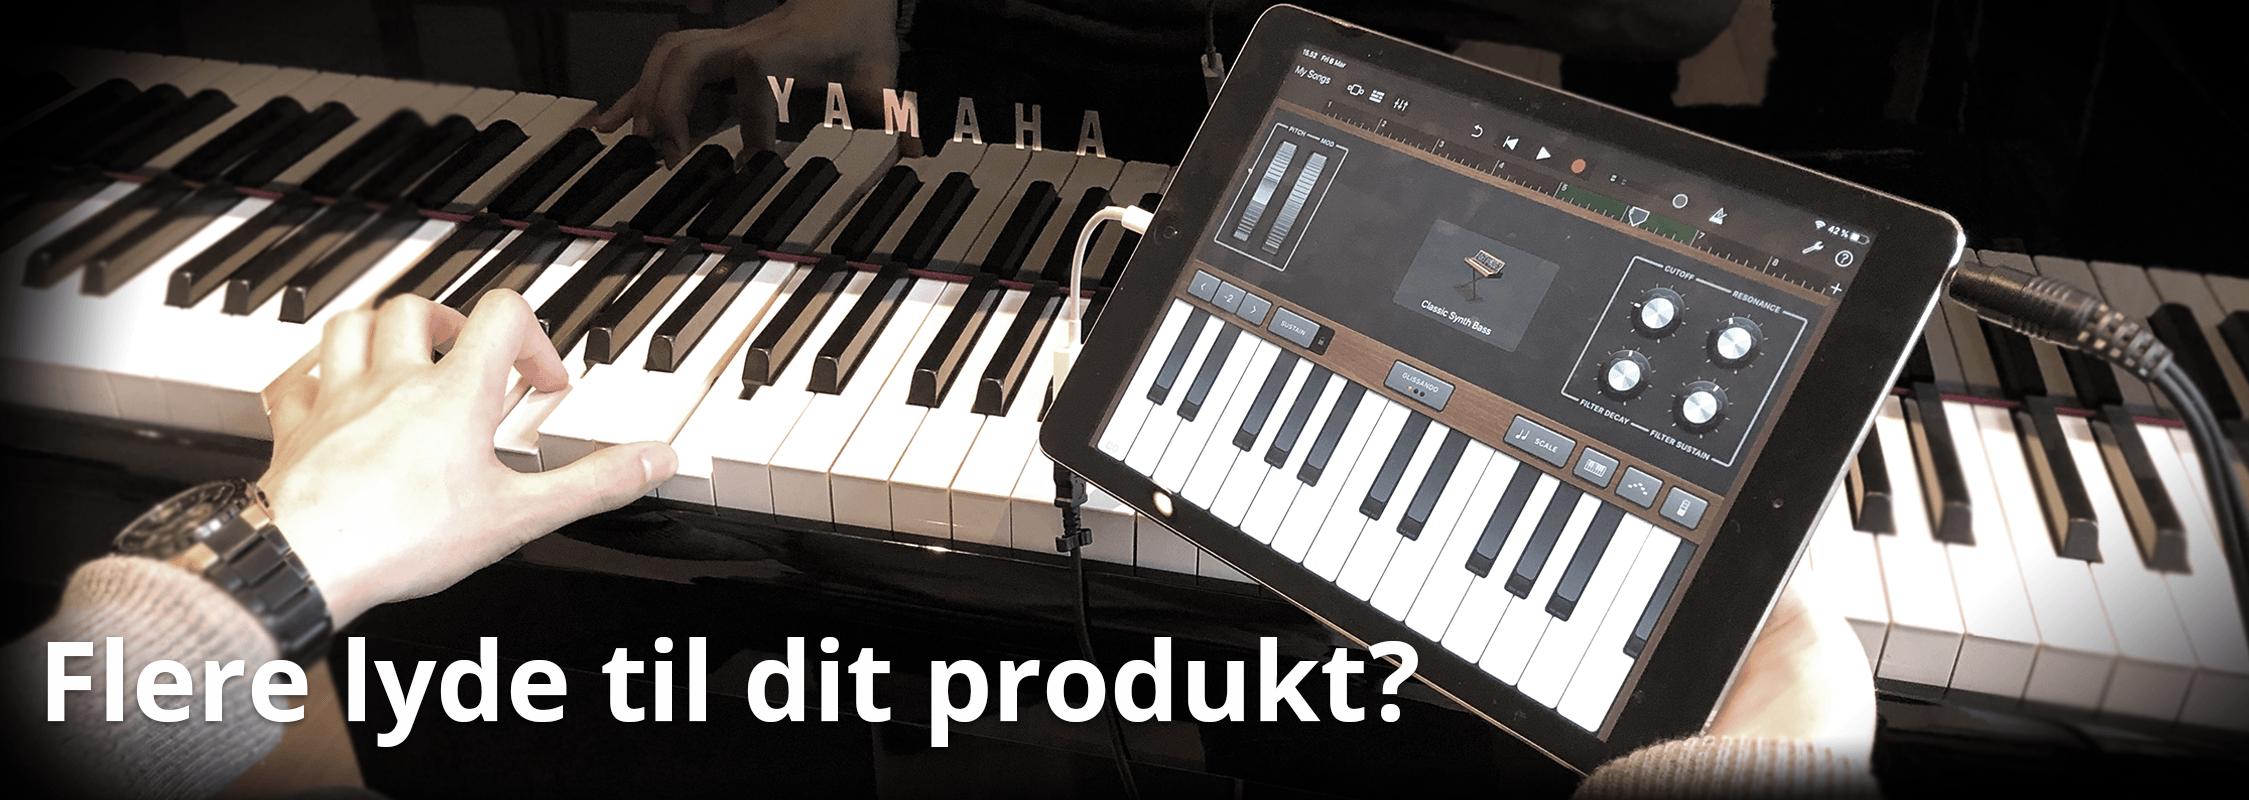 Flere lyde til mit digitale instrument?